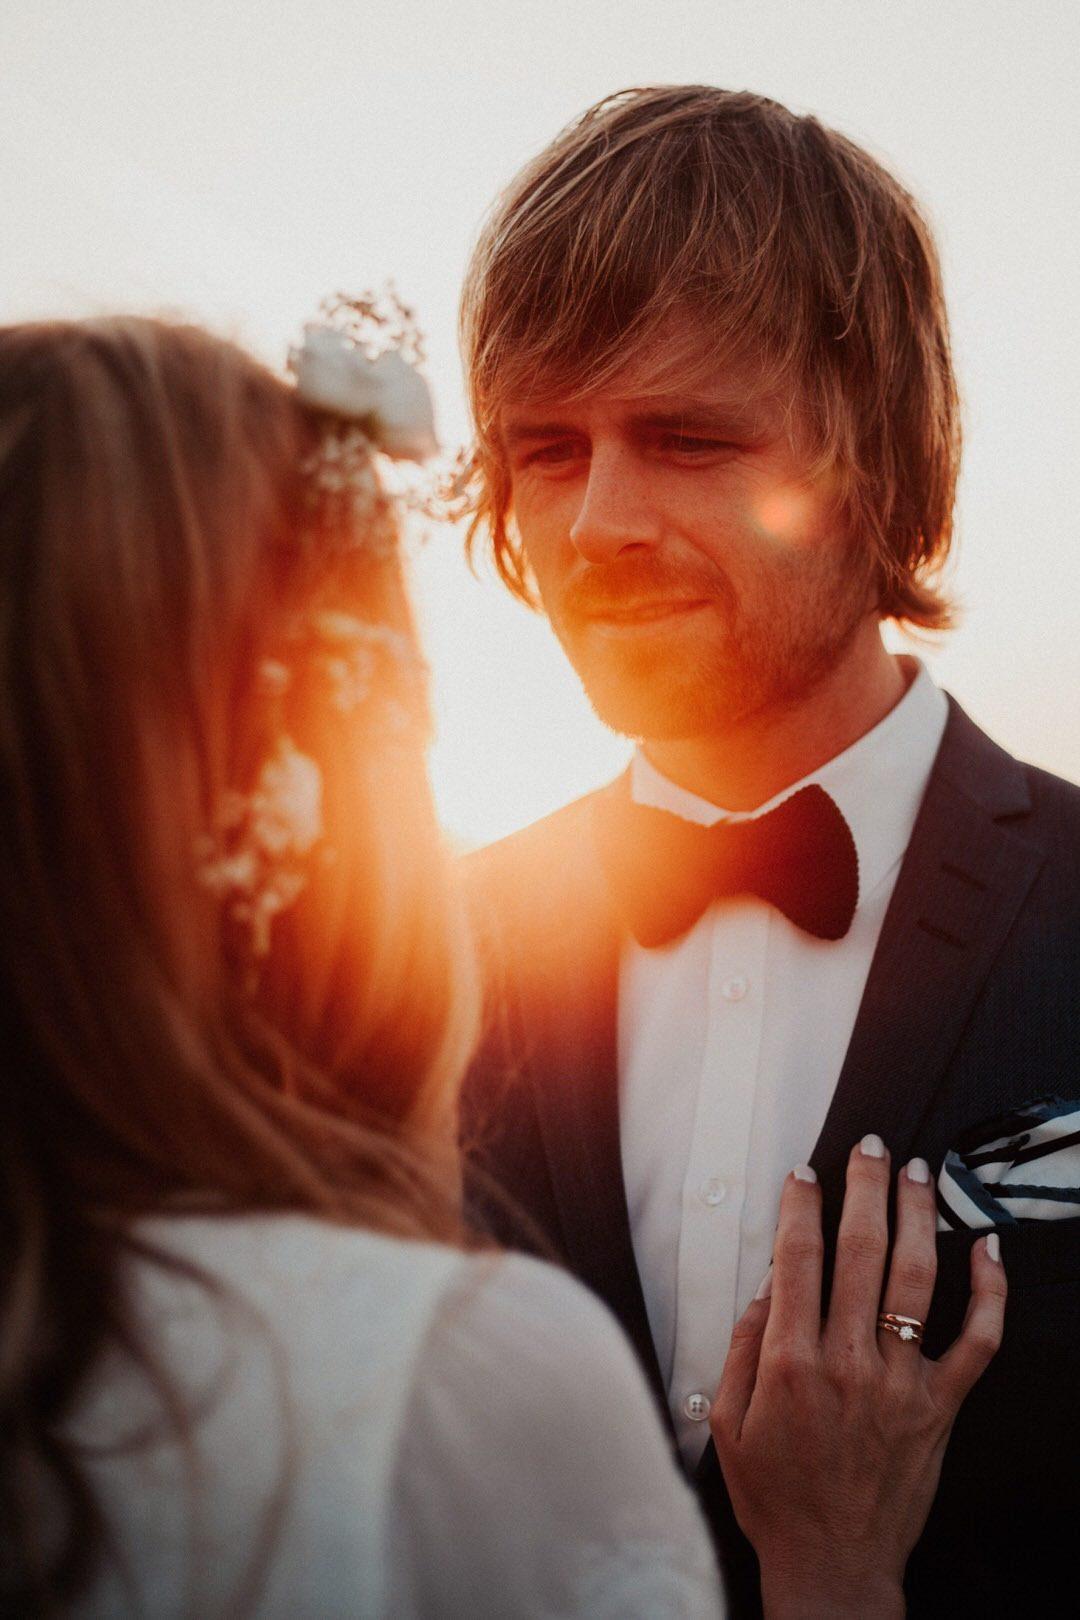 Das beste Licht für Hochzeitsfotos ist immer noch das warme abendliche Sonnenlicht